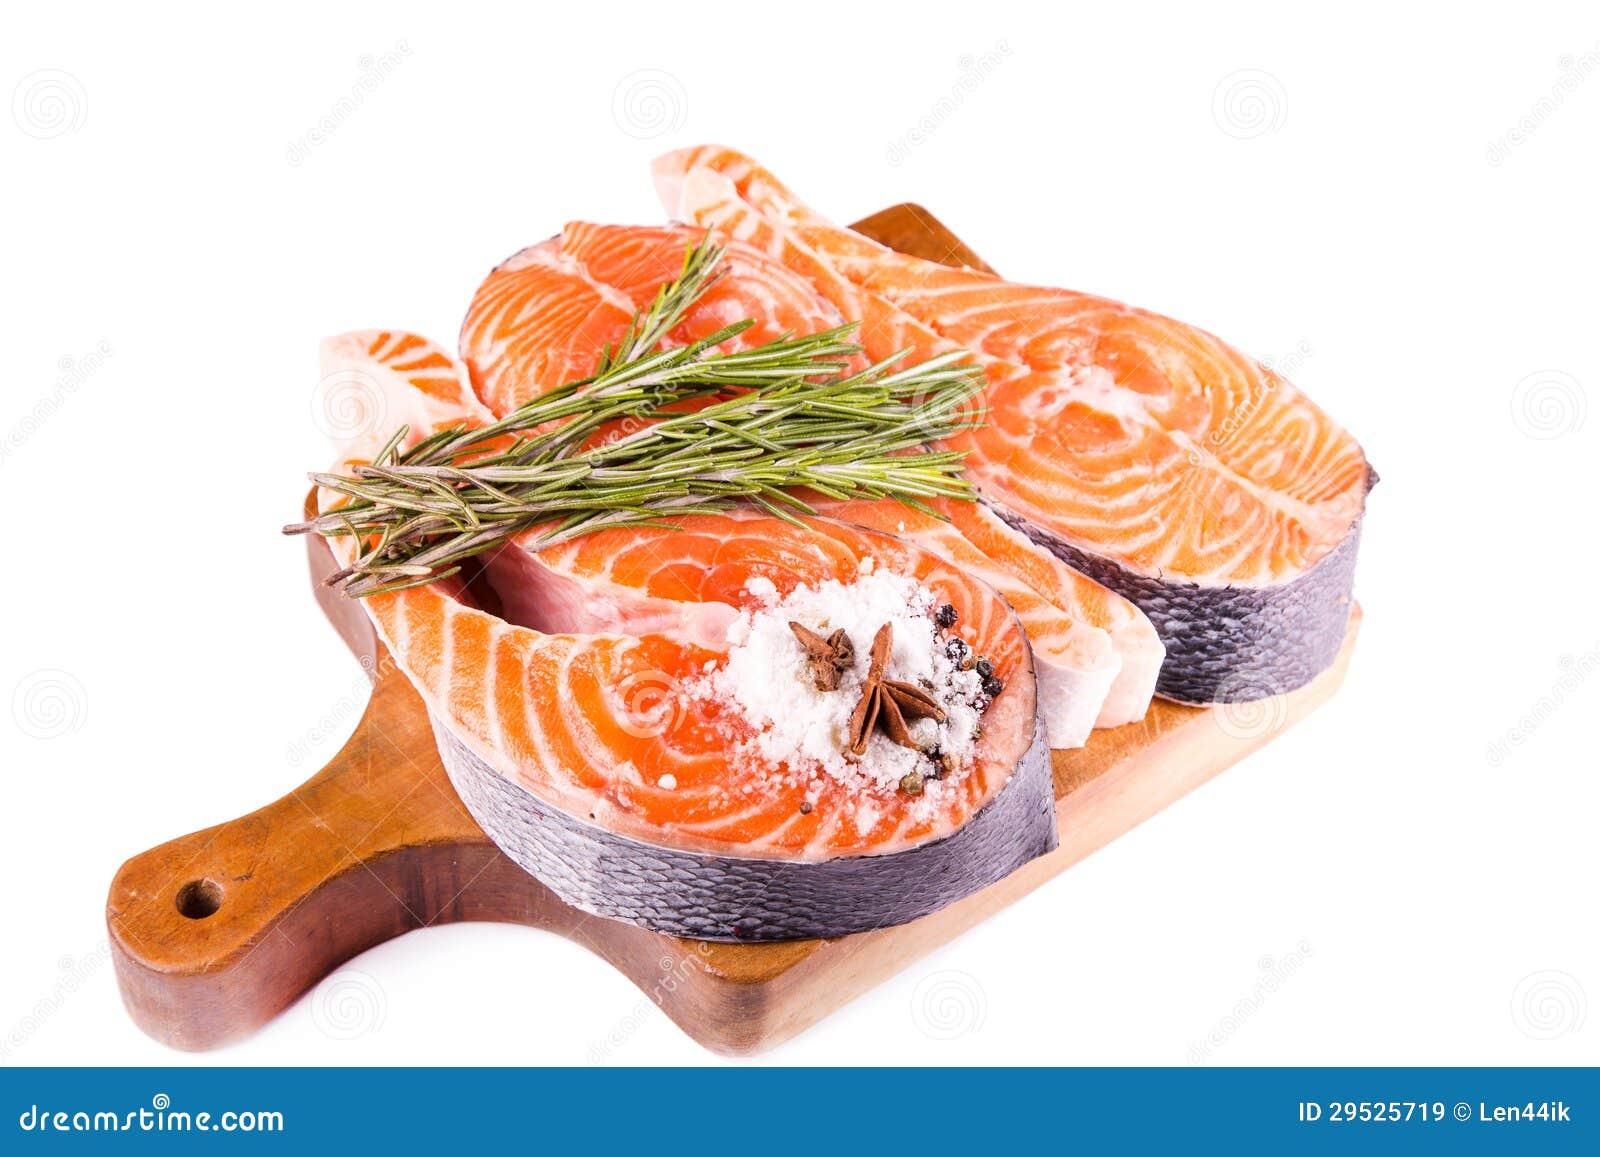 Bife salmon cru com rosemary em uma placa de madeira